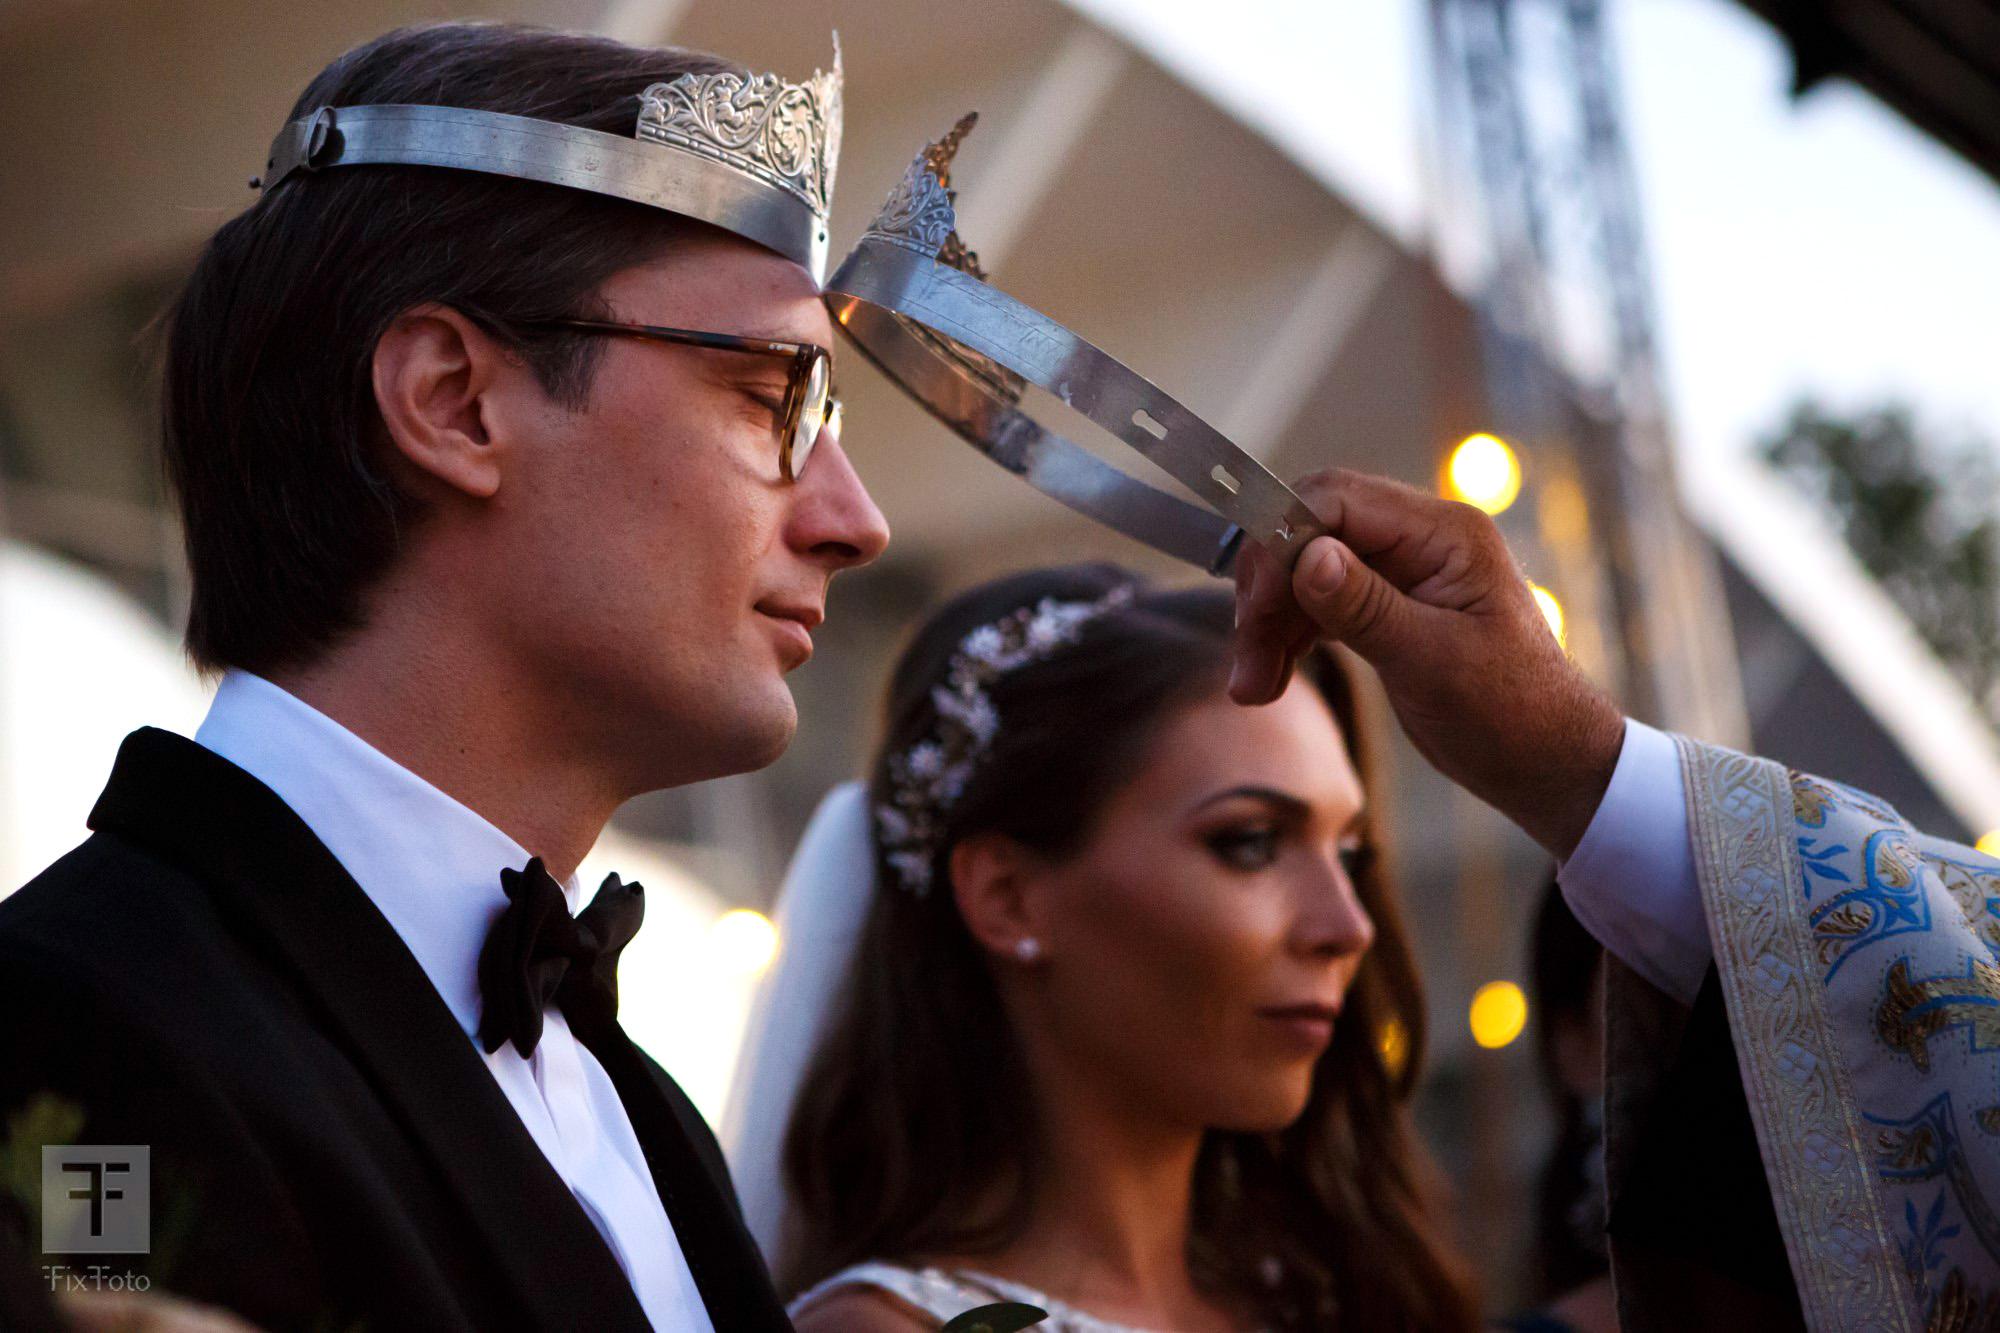 fotografi de nuntafotografi de nunta